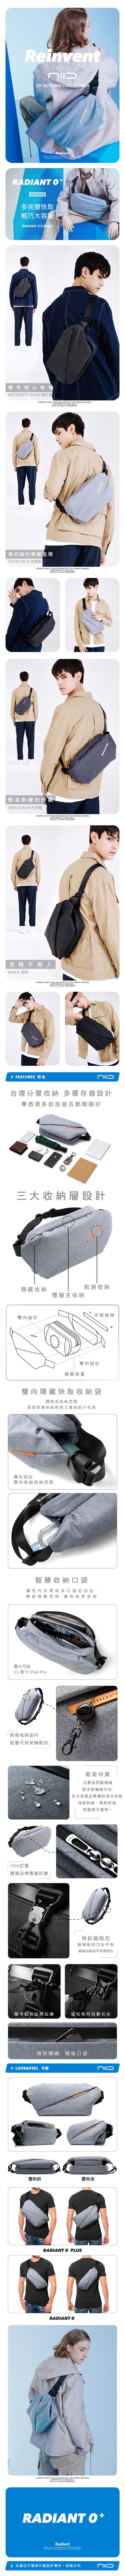 【集購】NIID | Radiant R0+ 行動機能單肩包 新登場 (四色任選)